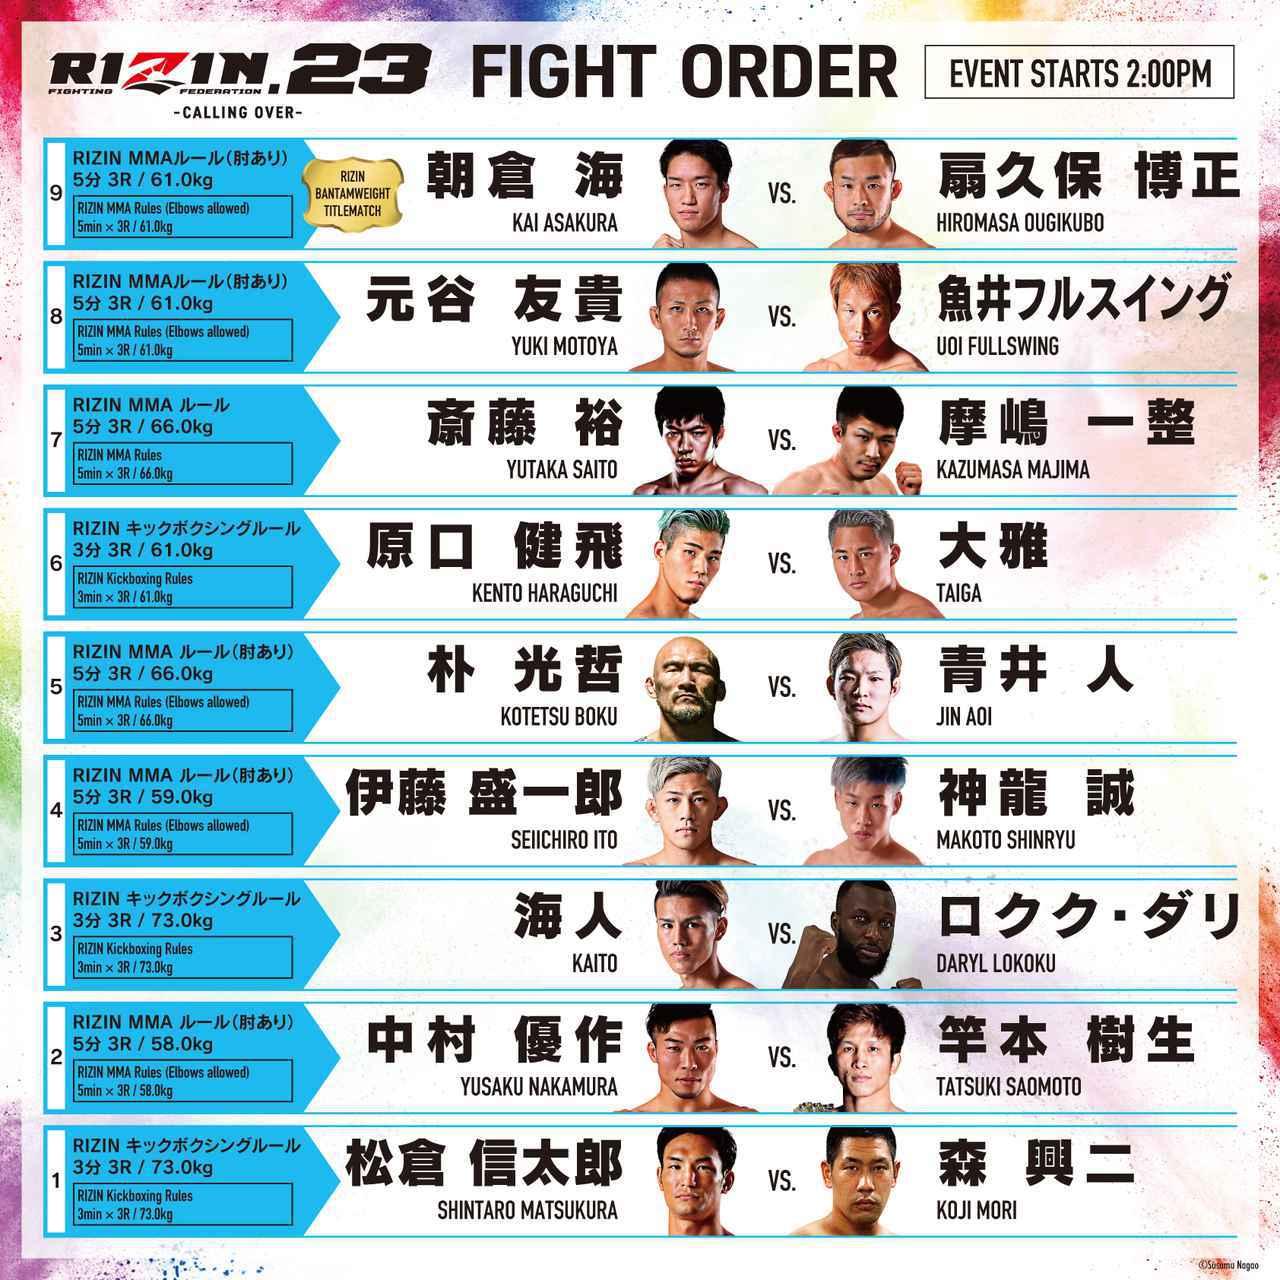 画像: RIZIN.23 FIGHT ORDER